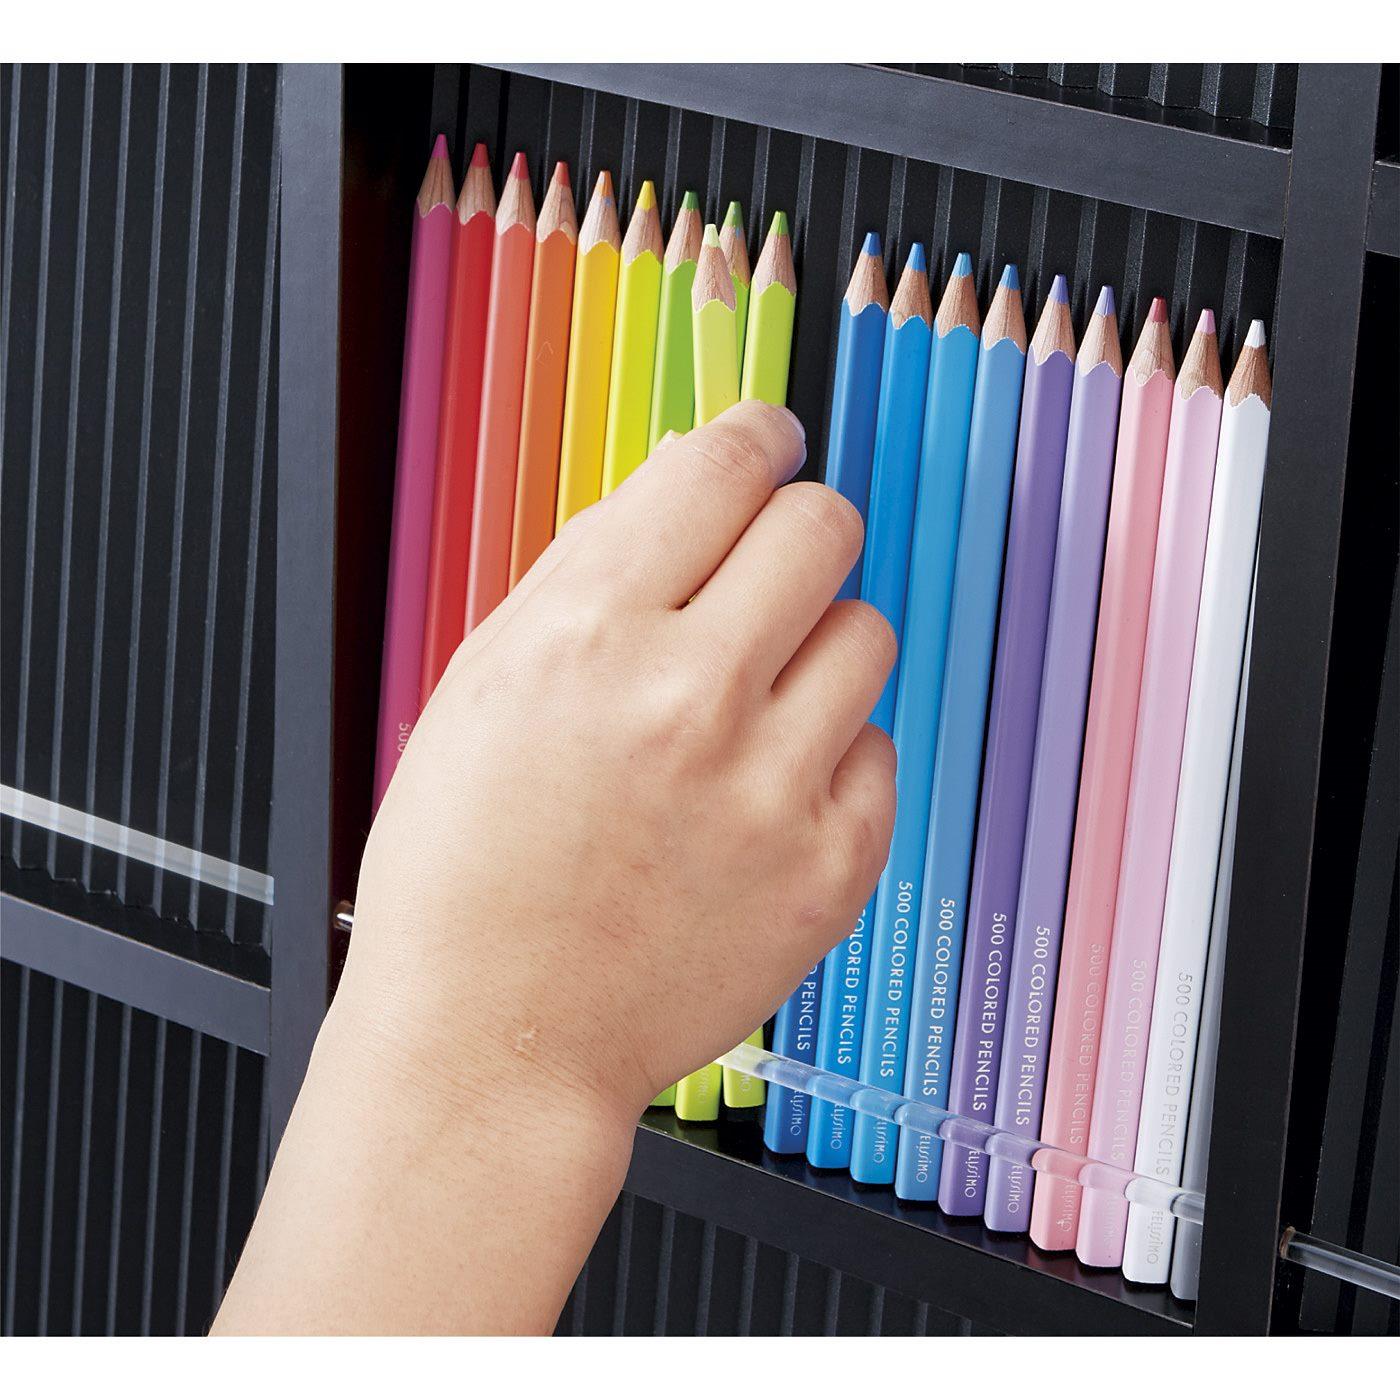 背板は波型になっていて、四角い色えんぴつを角度をつけて並べられます。取り出しやすく、色えんぴつが滑り落ちにくいストッパー付き。